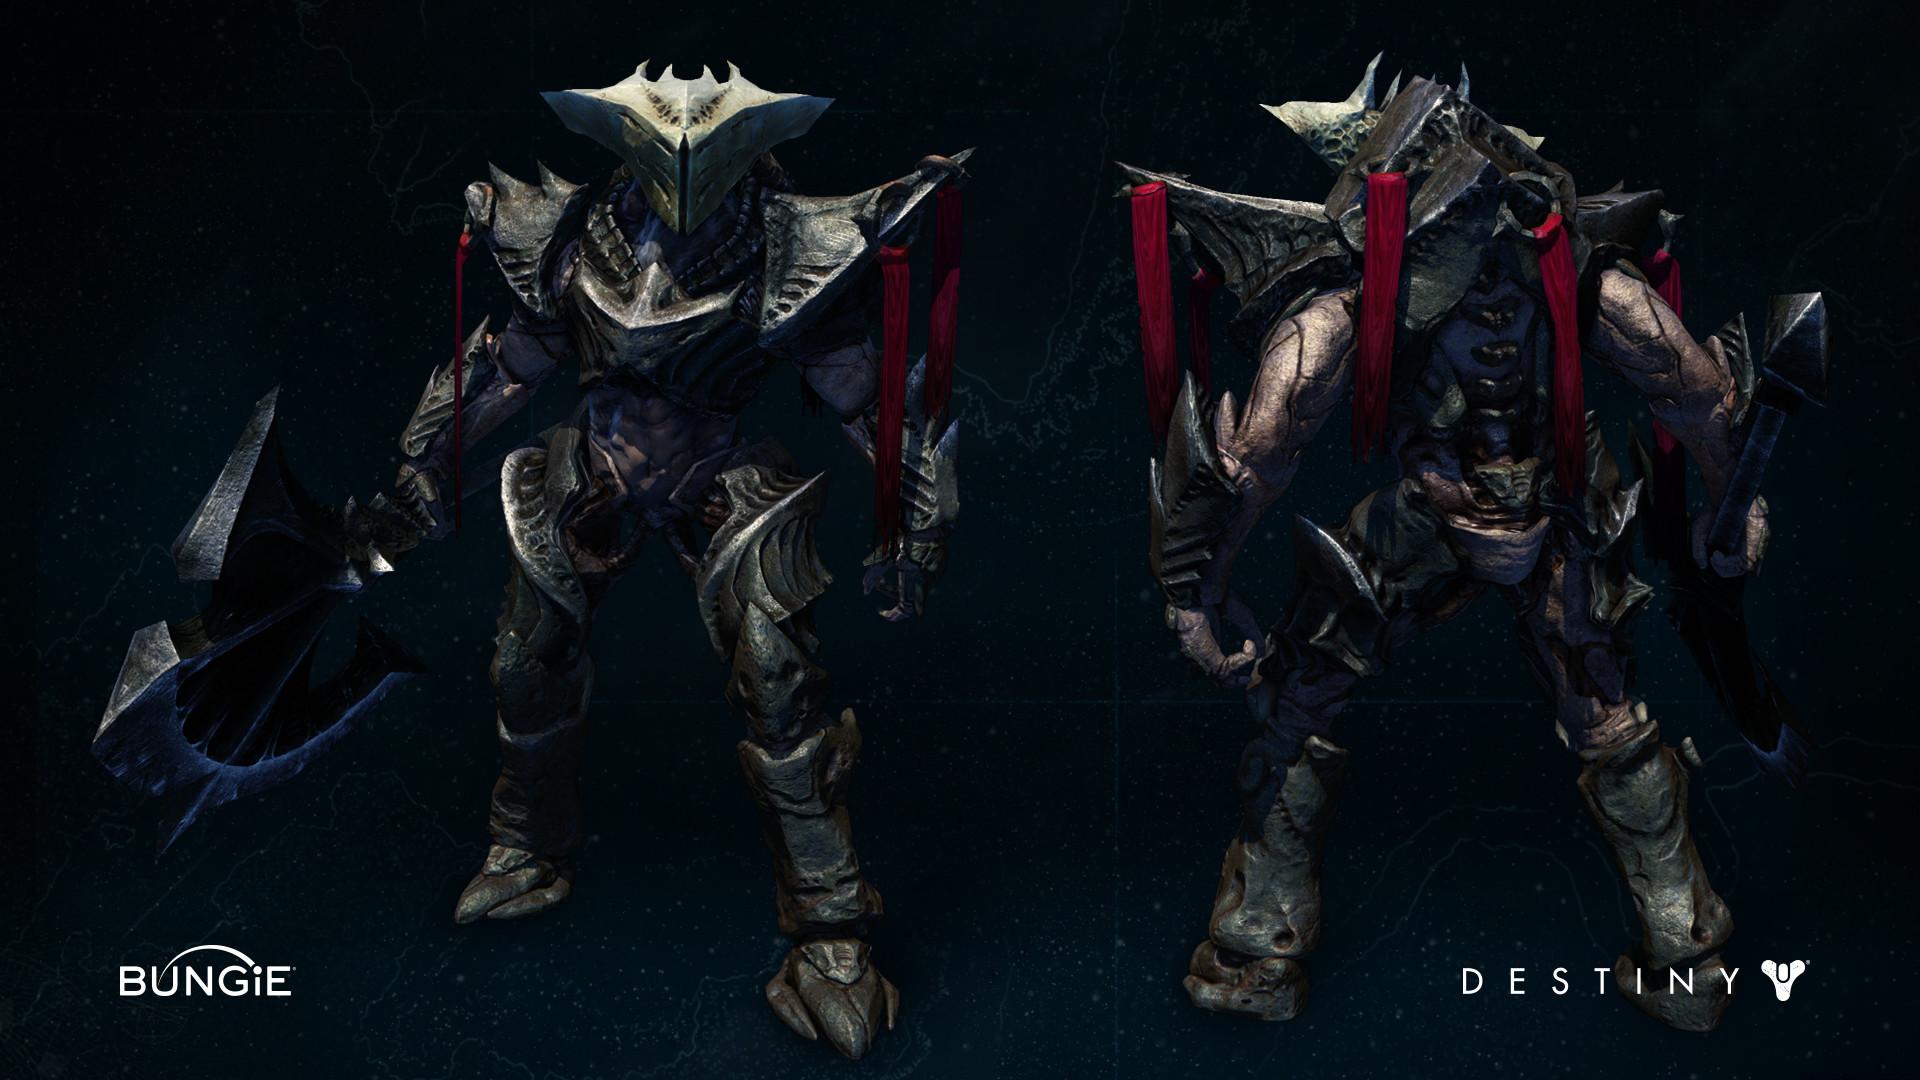 Destiny: The Taken King – Darkblade – Dreadnaught Strike Boss